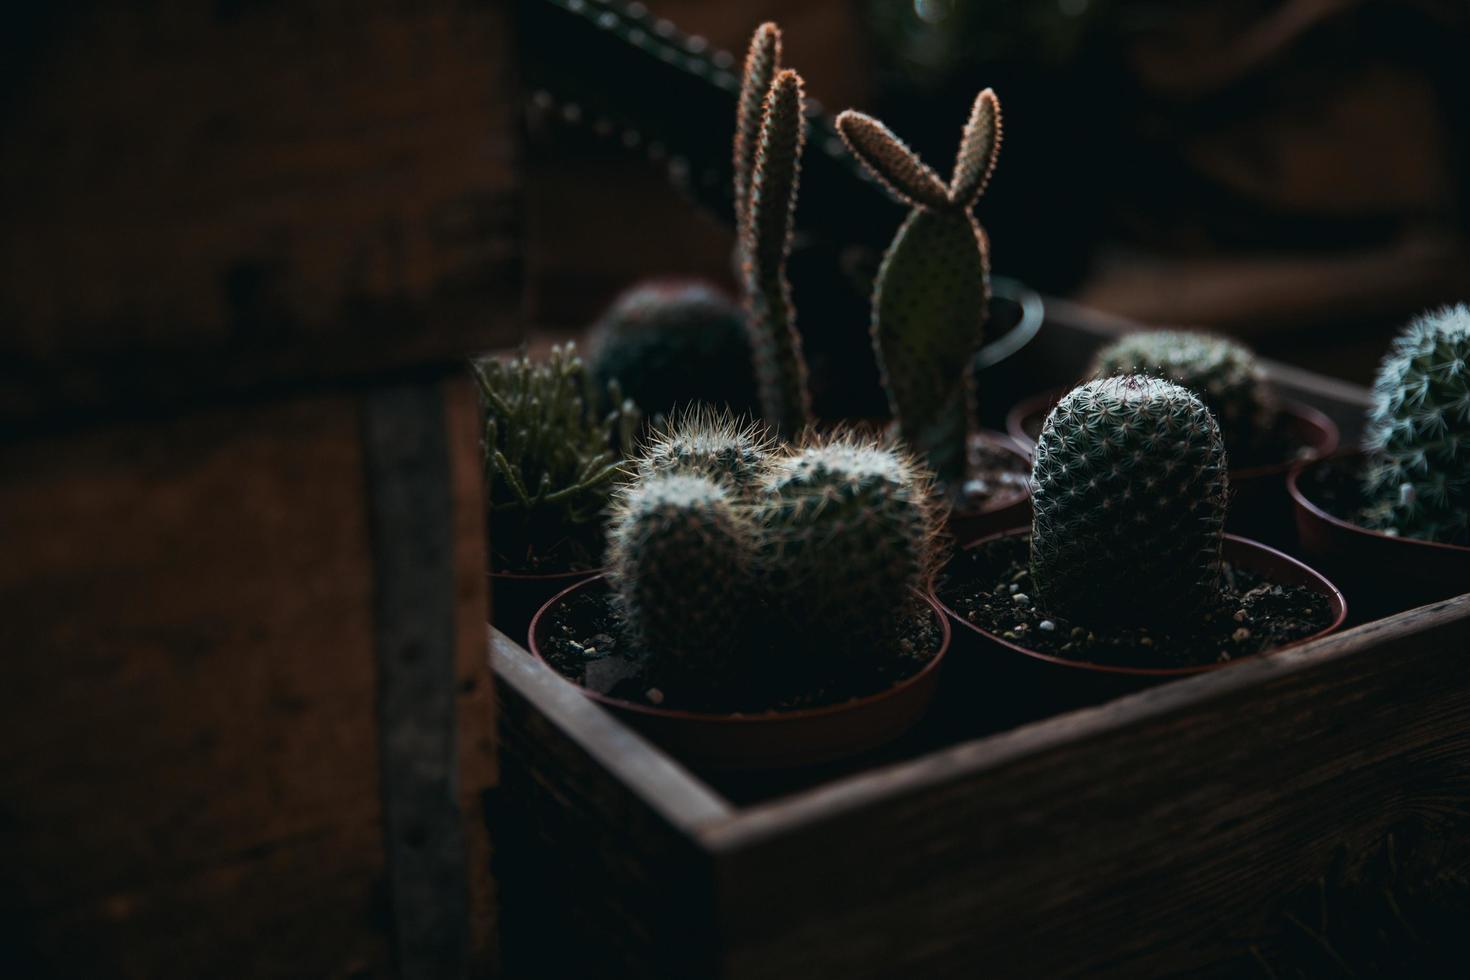 piante di cactus verdi foto